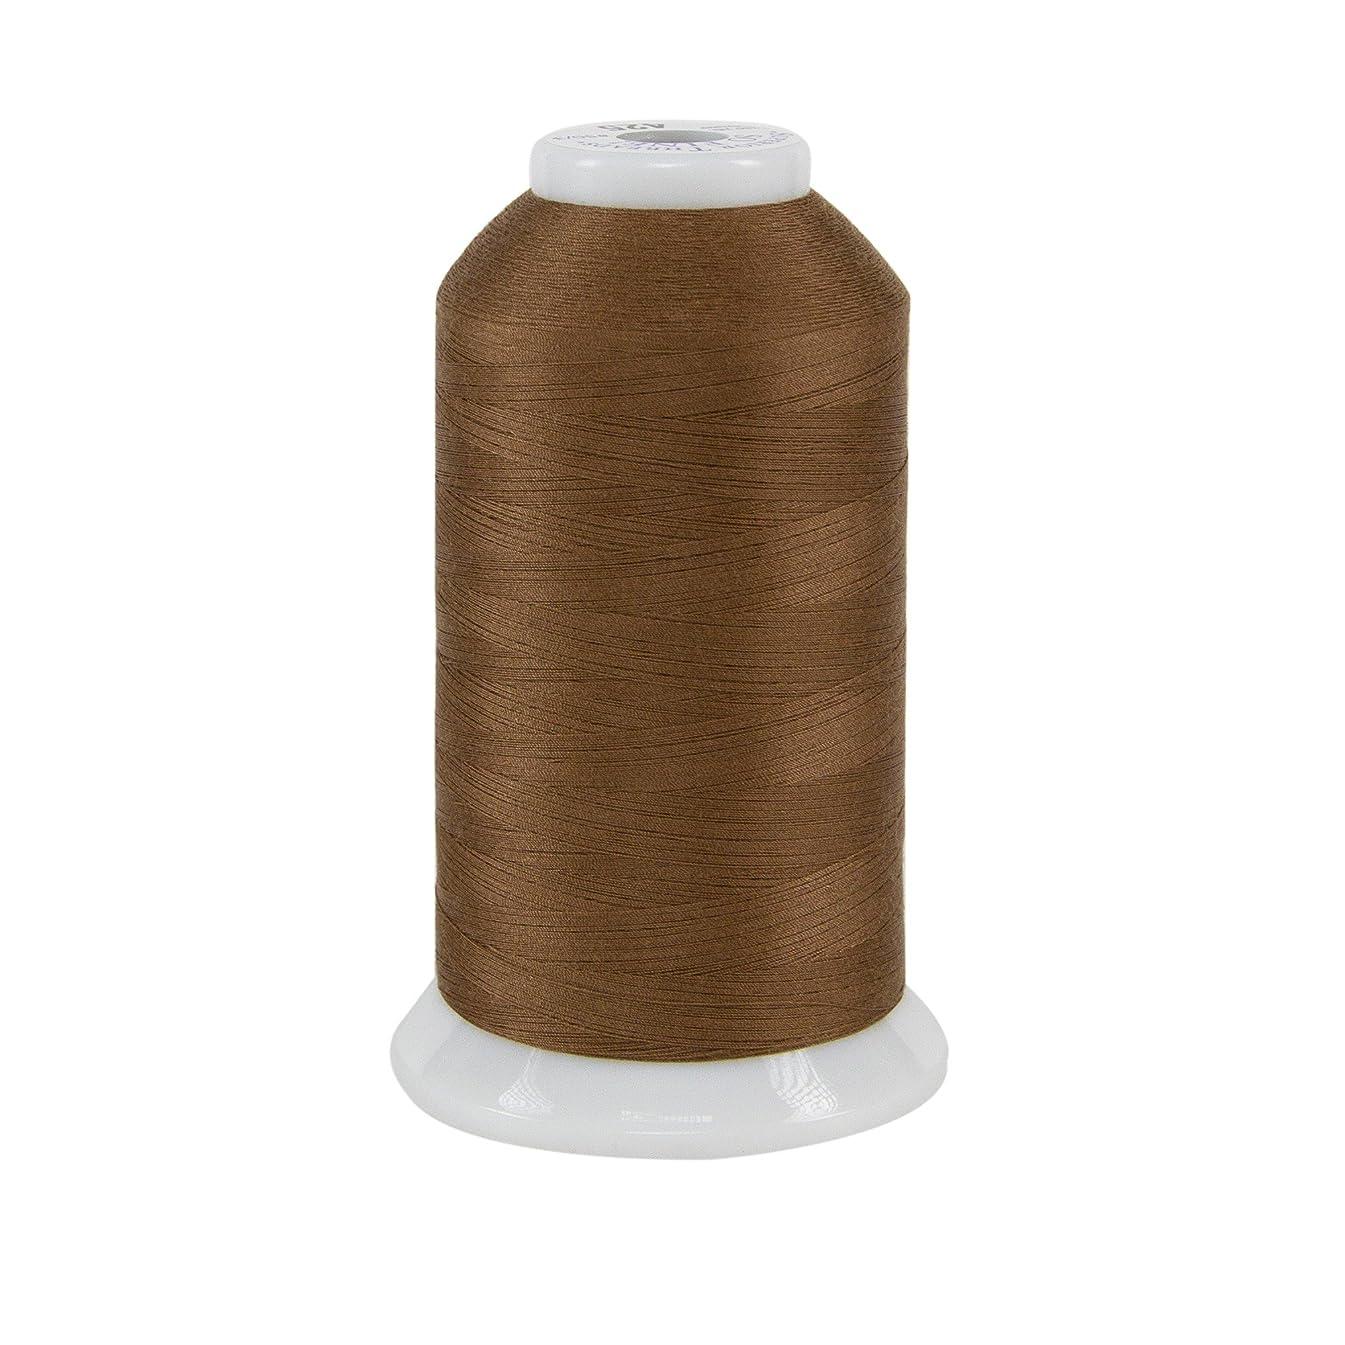 Superior Threads 11602-425 So Fine Brown Sugar 3-Ply 50W Polyester Thread, 3280 yd